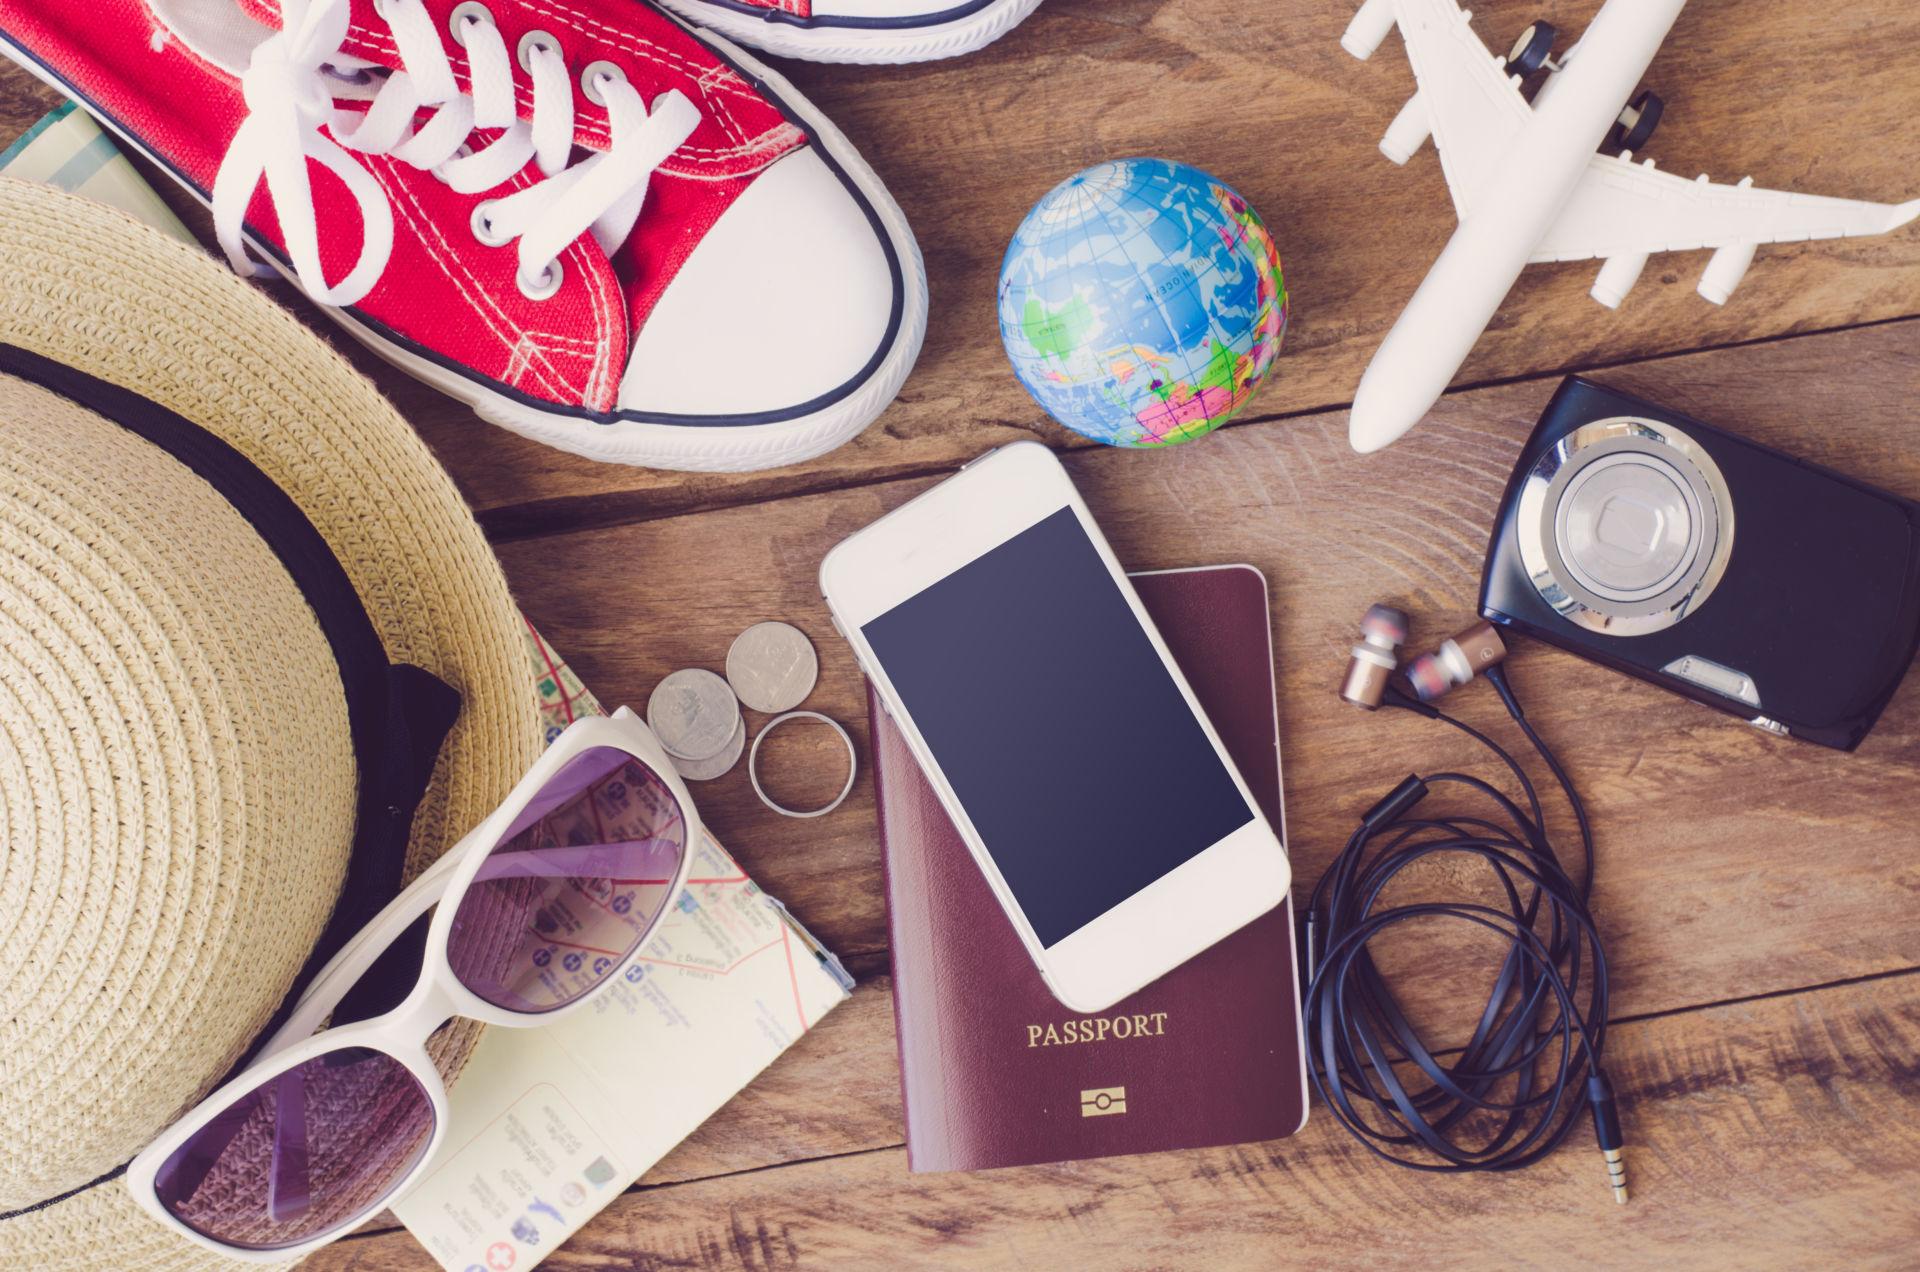 Matkalla tarvittavia esineitä, kännykkä, passi, aurinkolasit